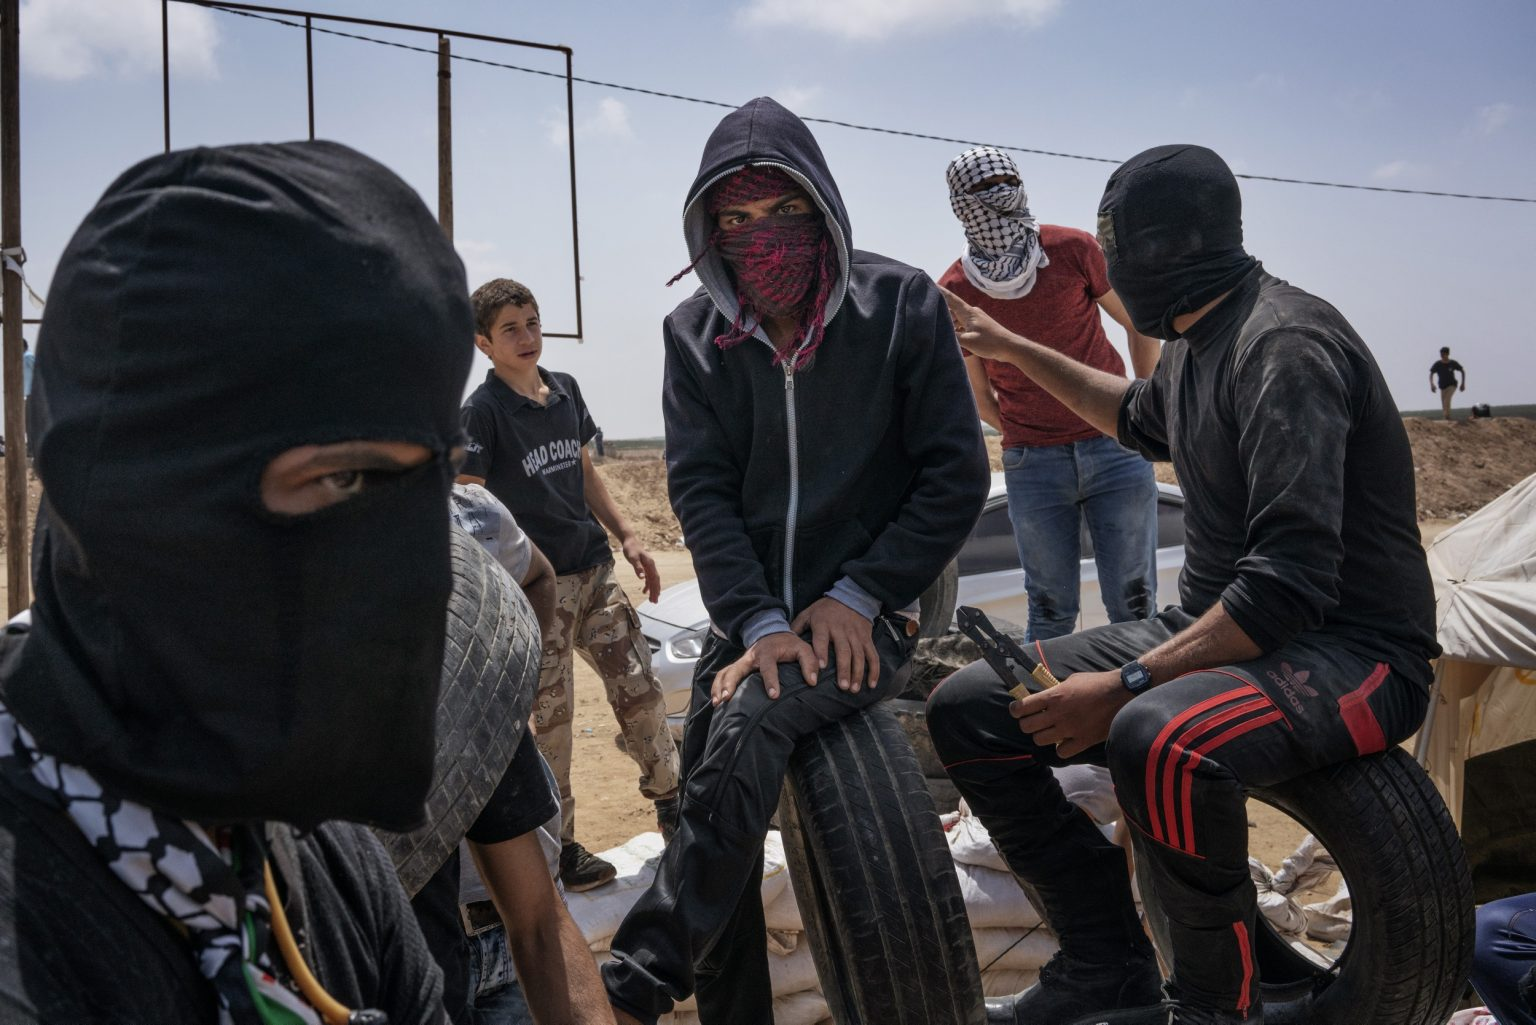 Gaza Strip, May 2018 - A group of young Palestinian protesters sit on top of tires along the Israel-Gaza border. >< Striscia di Gaza, maggio 2018 - Un gruppo di ragazzi palestinesi siede sopra dei copertoni lungo il confine tra Gaza e Israele.